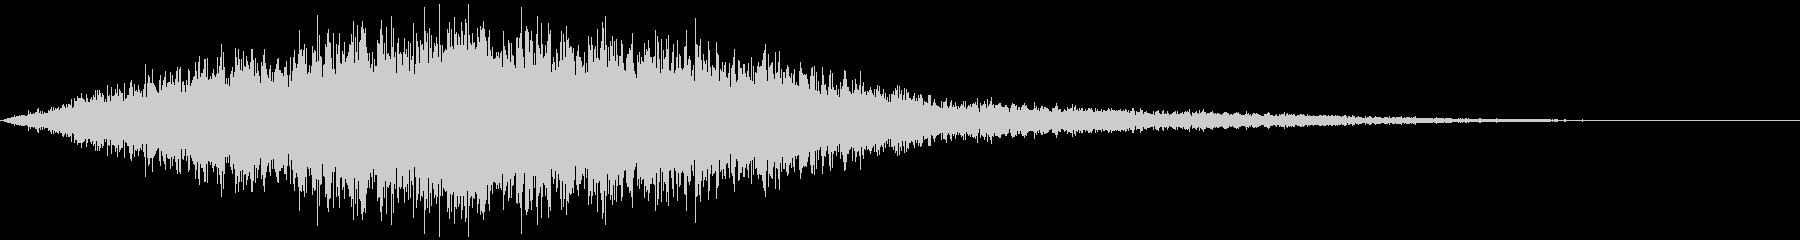 光系の音 魔法など  (短め) ヒィンの未再生の波形